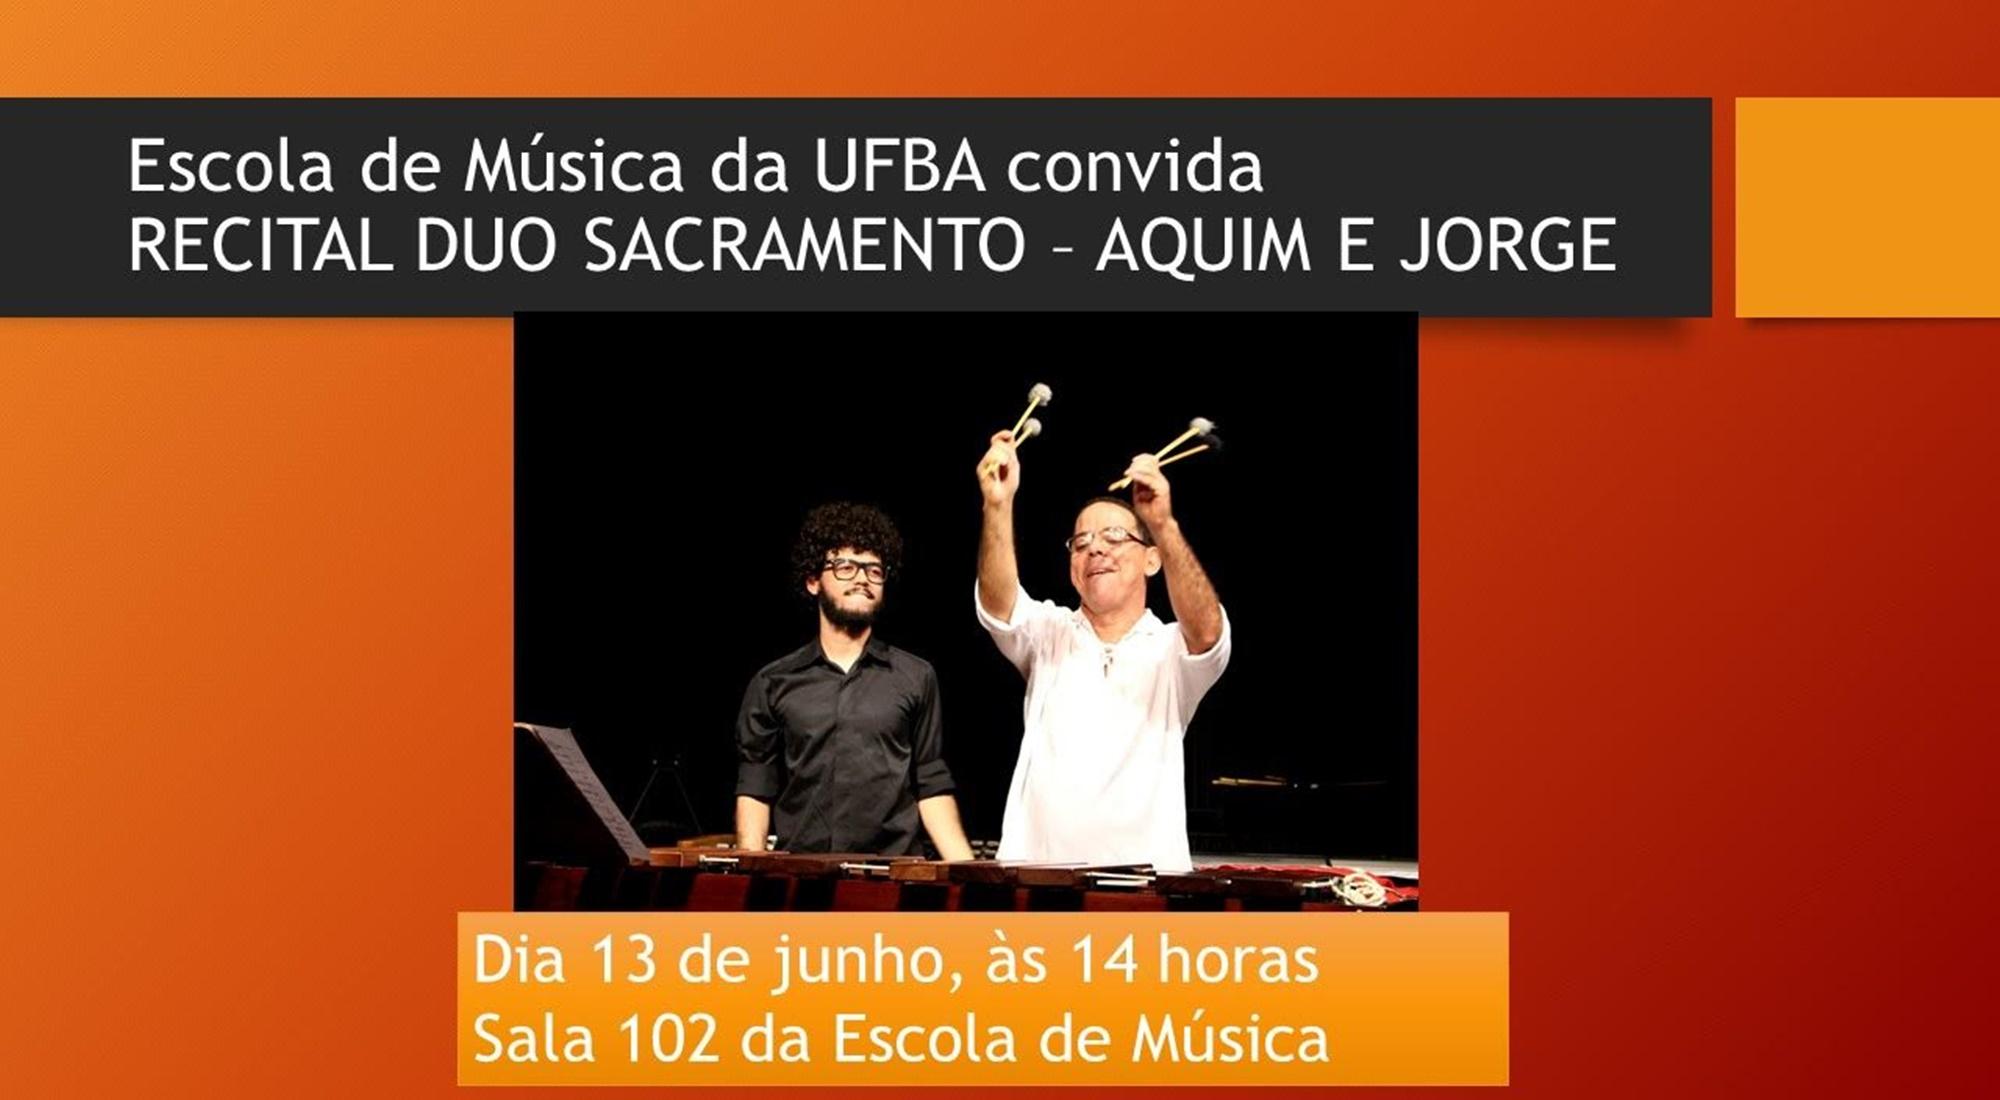 Escola de Música da UFBA Convida o Duo Sacramento para Apresentar Prévia do que Será o Recital na Colômbia